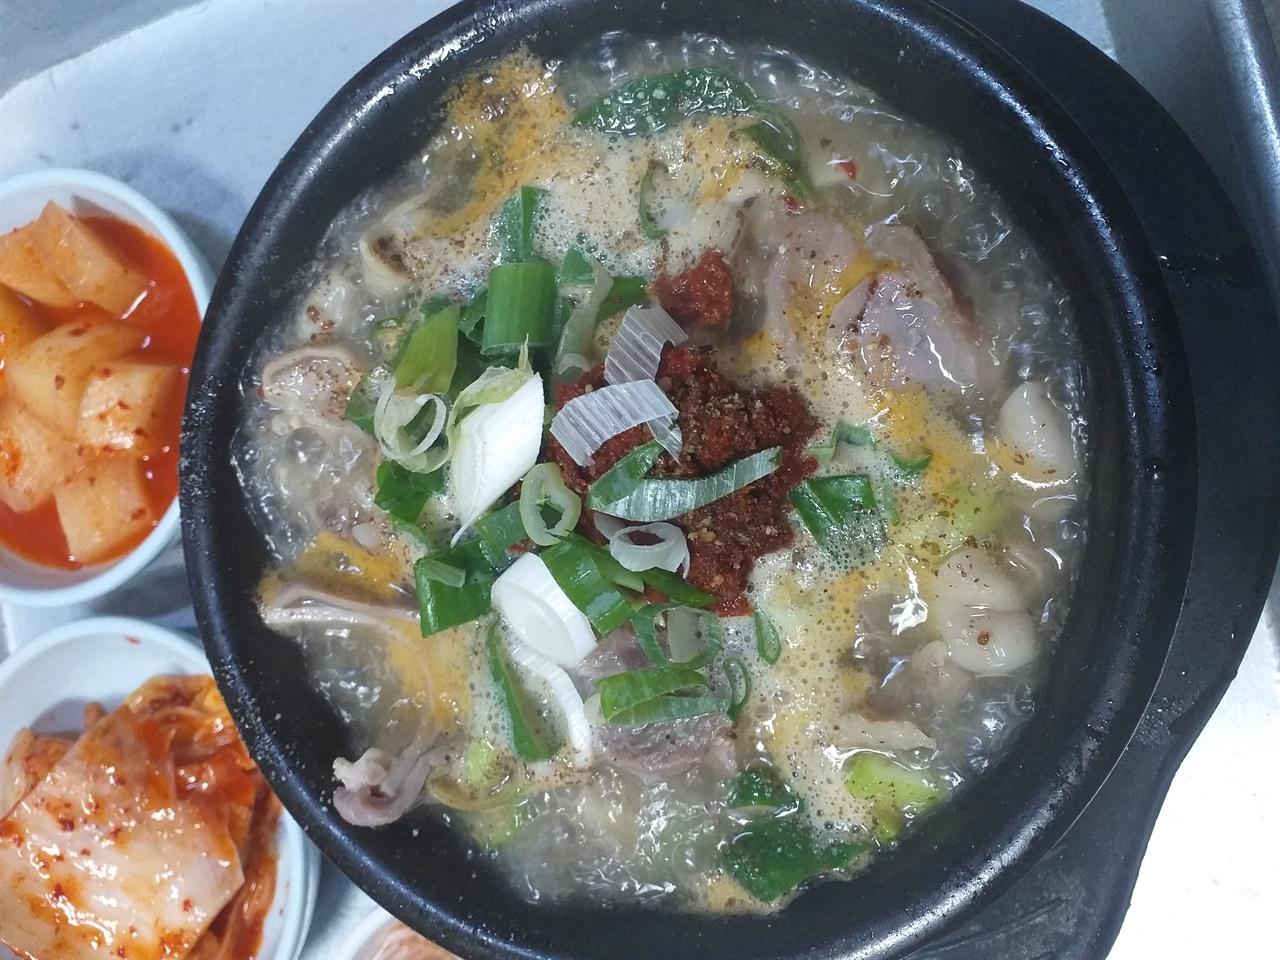 부평시장 충남식당의 순댓국 보기에도 맛도 터프하기 그지 없다. 어릿고기부터 부속물까지 돼지 한마리가 다 들어 있다.